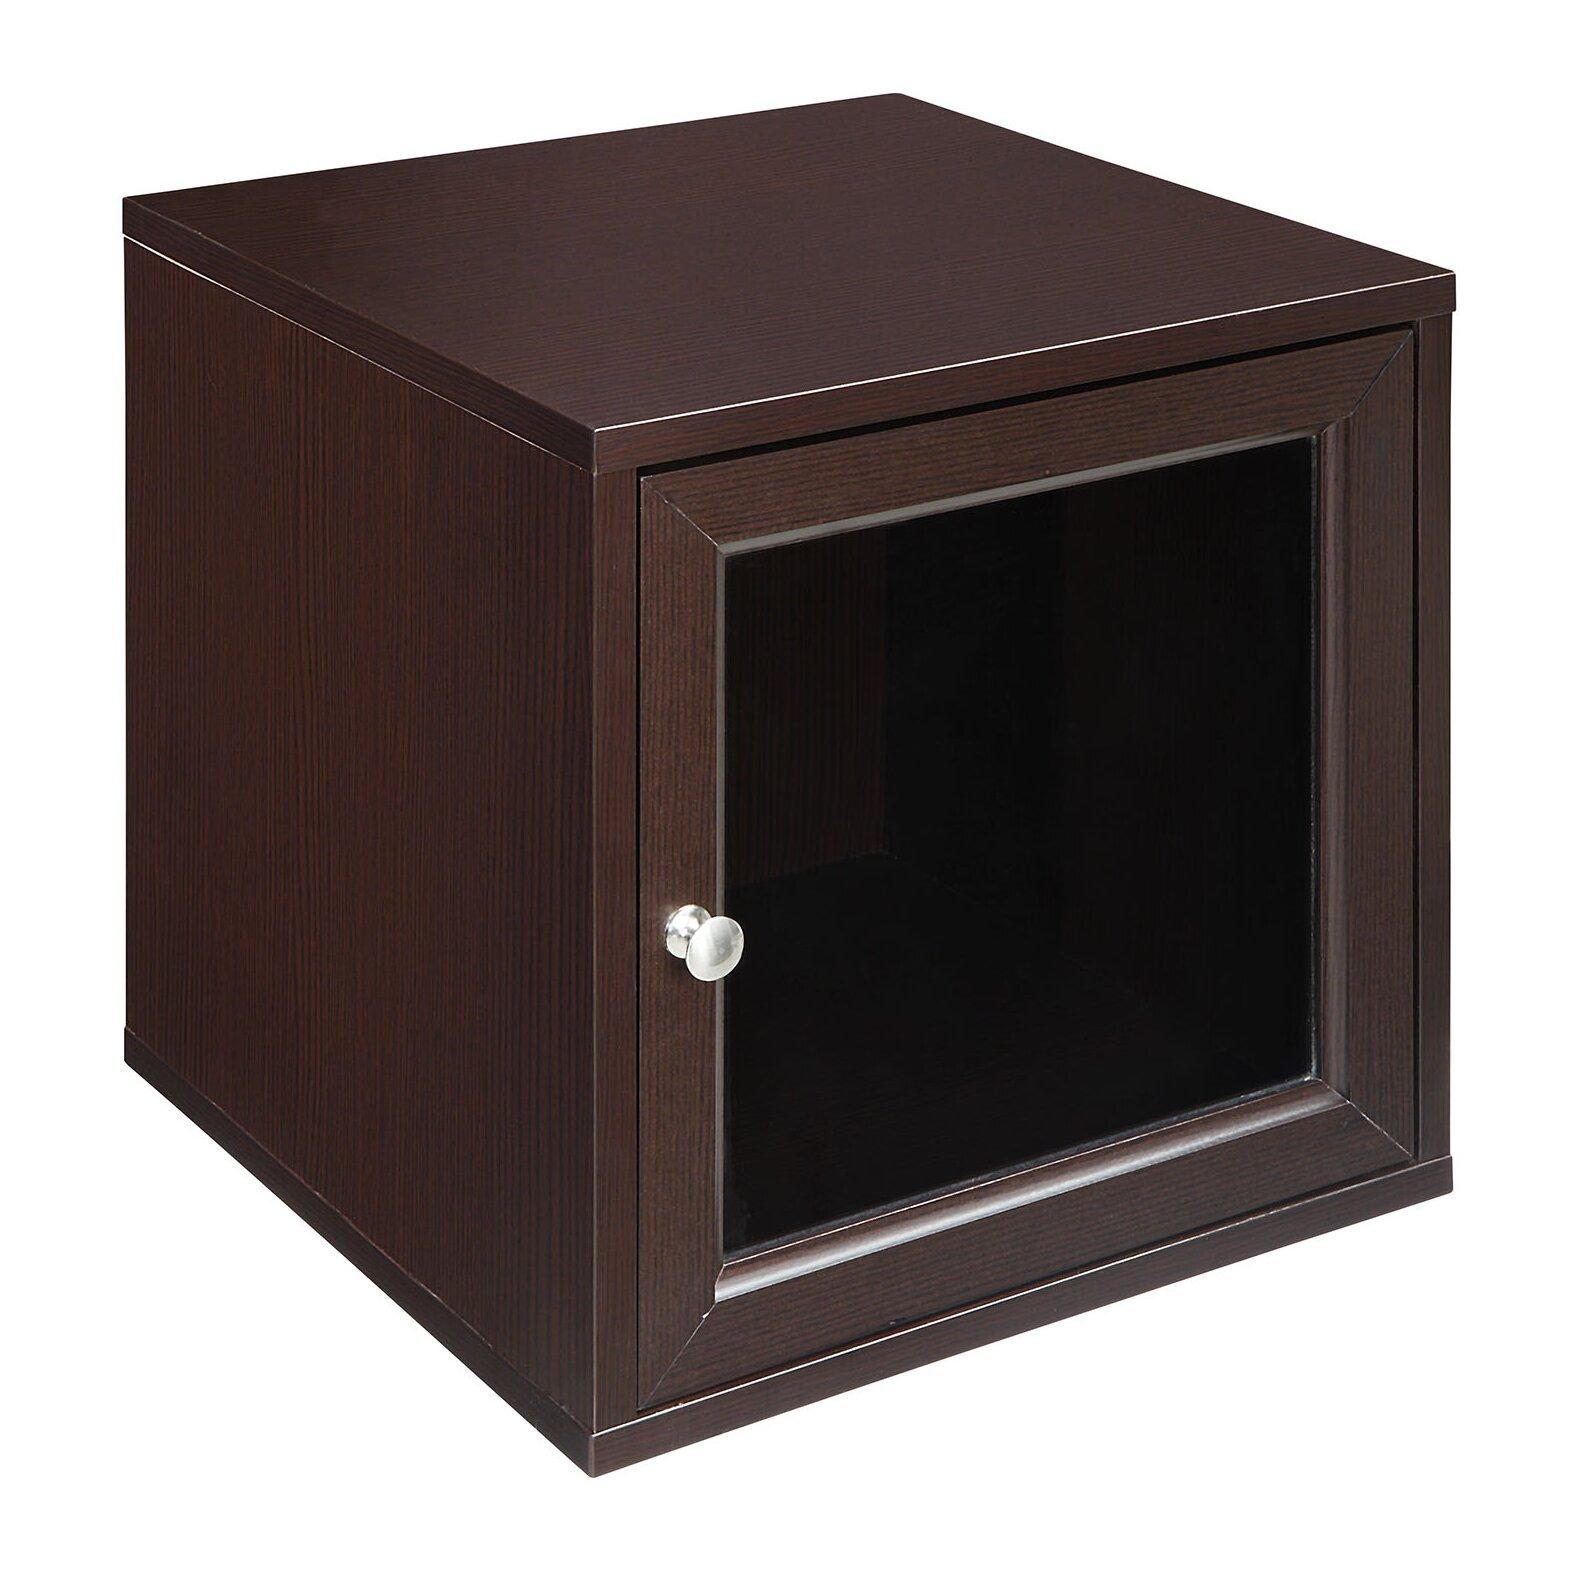 Craft main glass door 15 h x 15 w x 15 d cube reviews for 15 window pane door